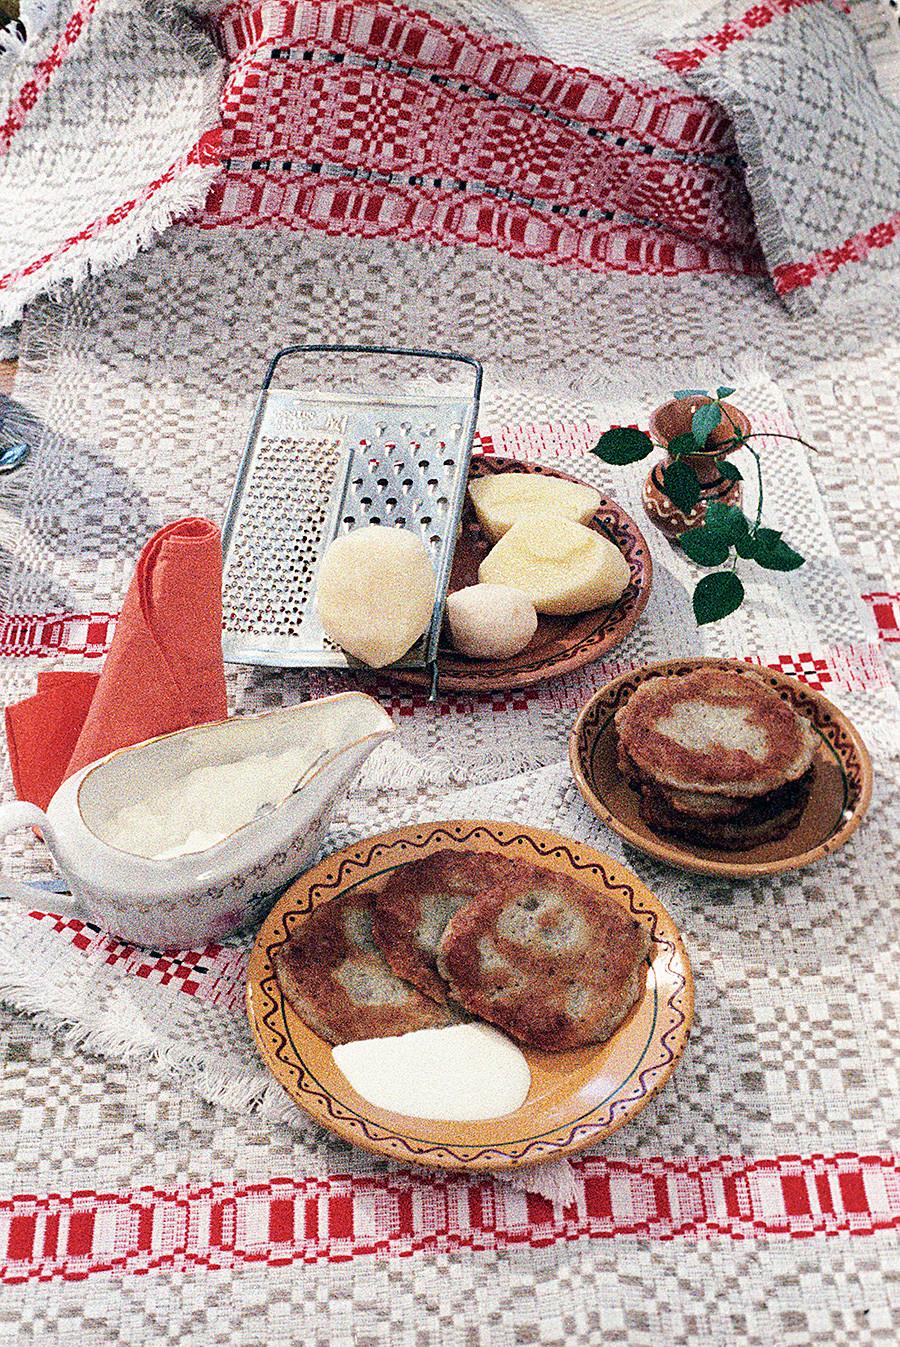 ジャガイモのドラーニキ。1987年